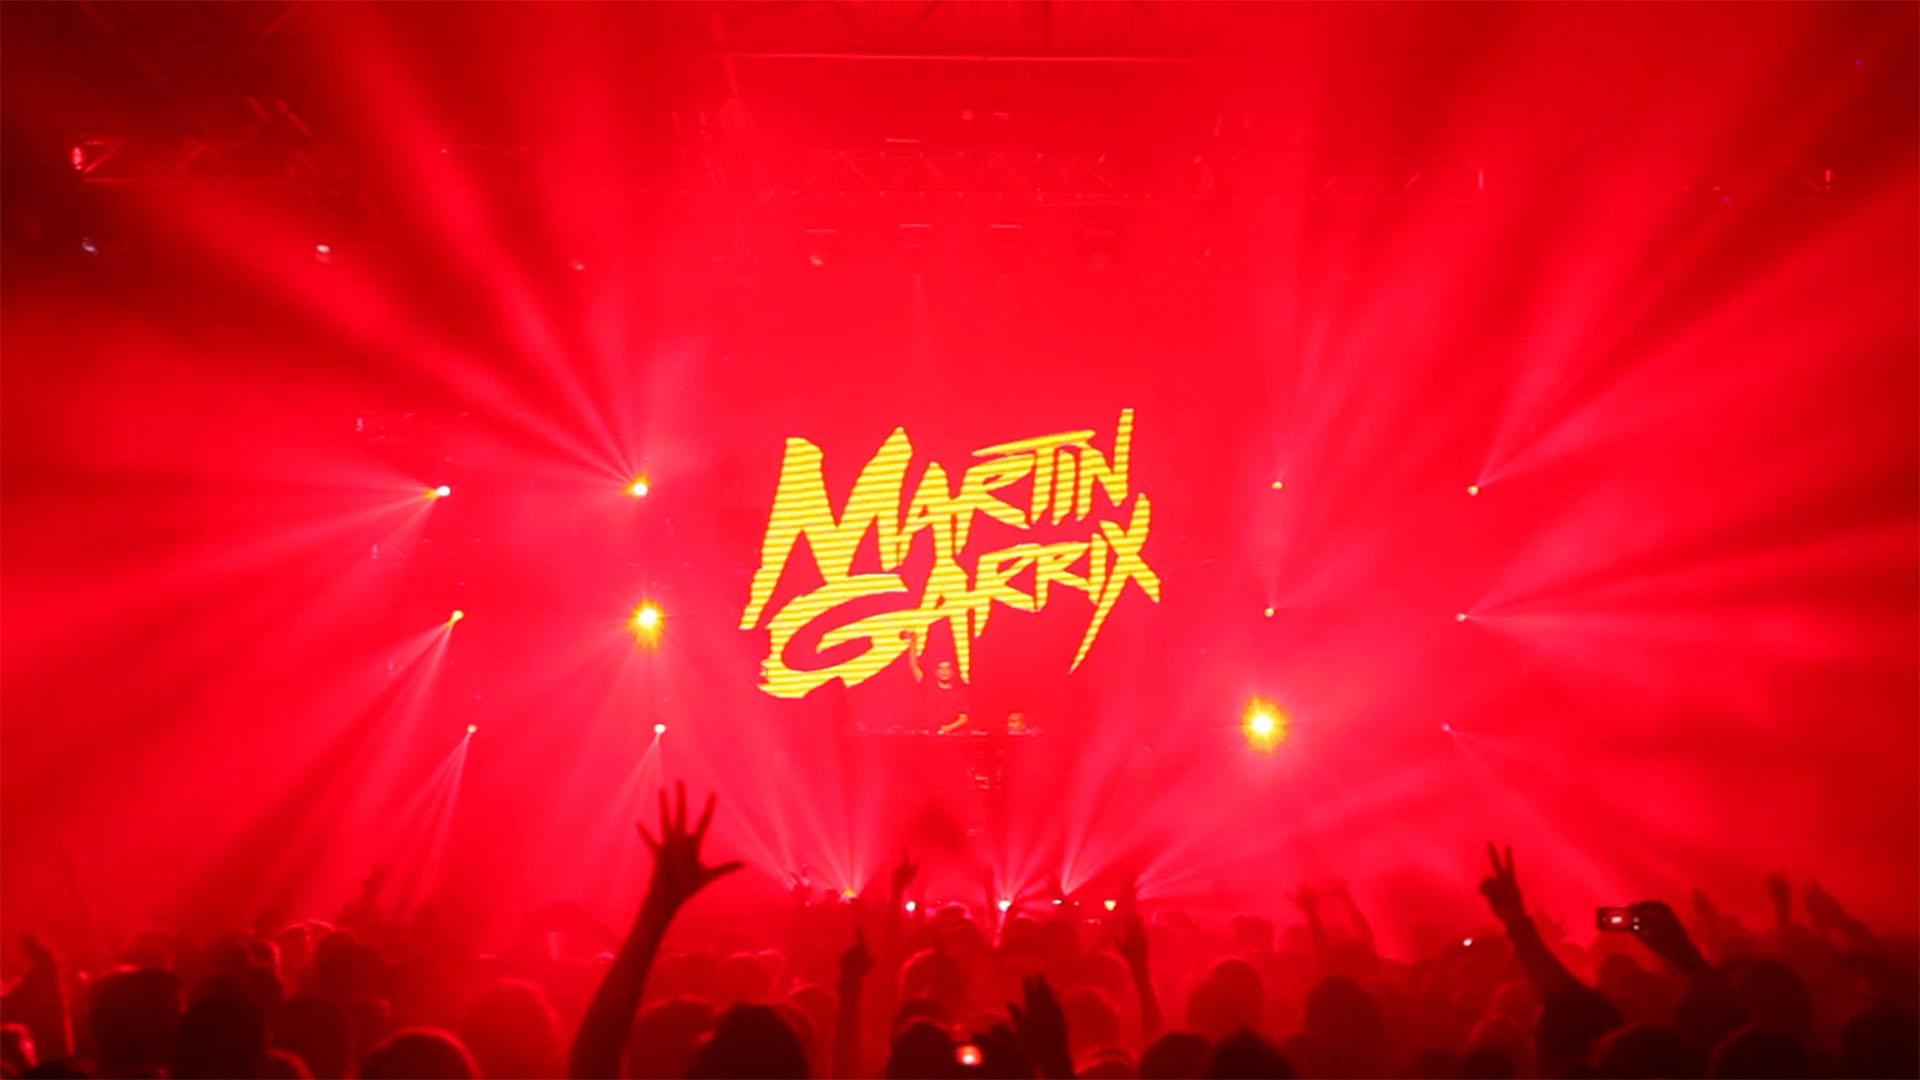 MARTIN GARRIX VISUALS - Studio Rewind